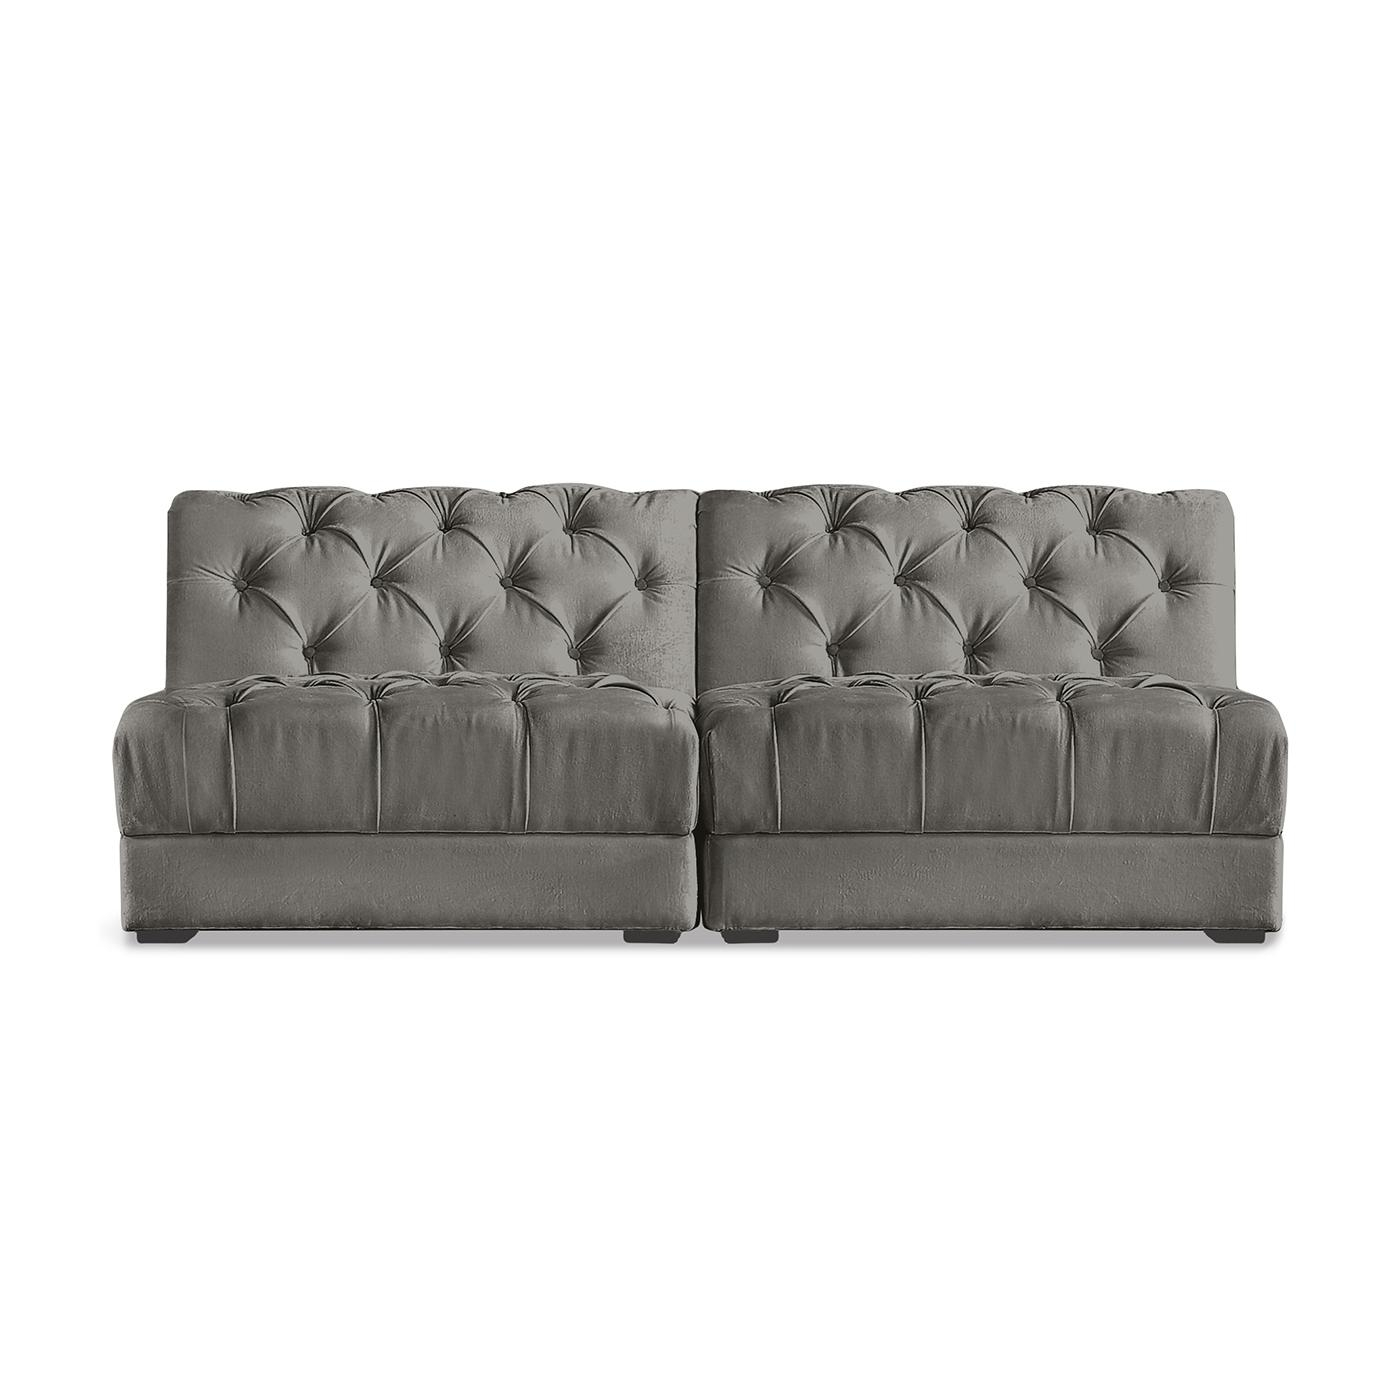 Ultra Slipper Sofa | Modern Furniture | Jonathan Adler Throughout Slipper Sofas (Image 19 of 20)